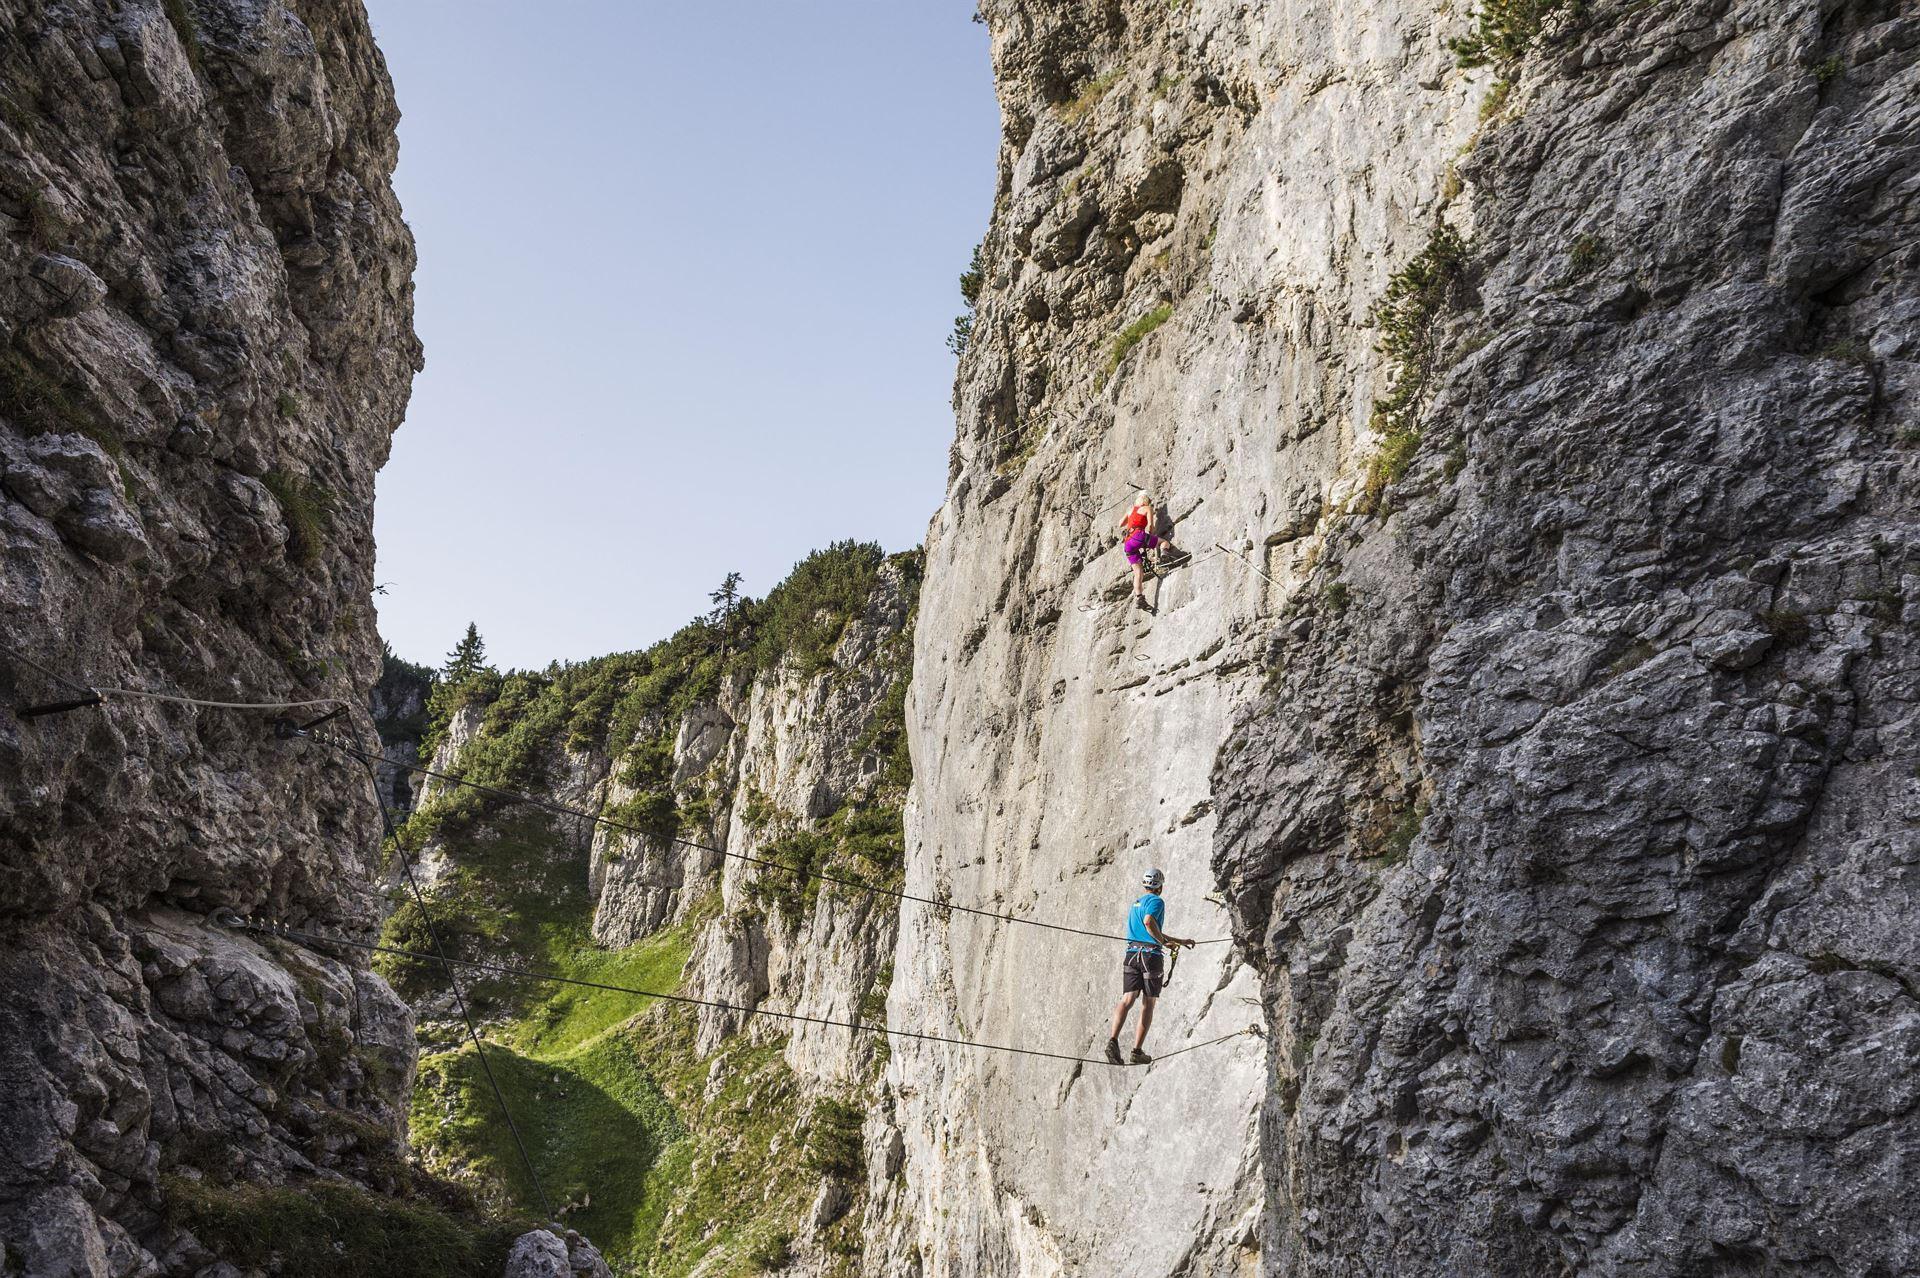 Klettersteig Für Anfänger : Schöner klettersteig für anfänger via ferrata del colodri arco